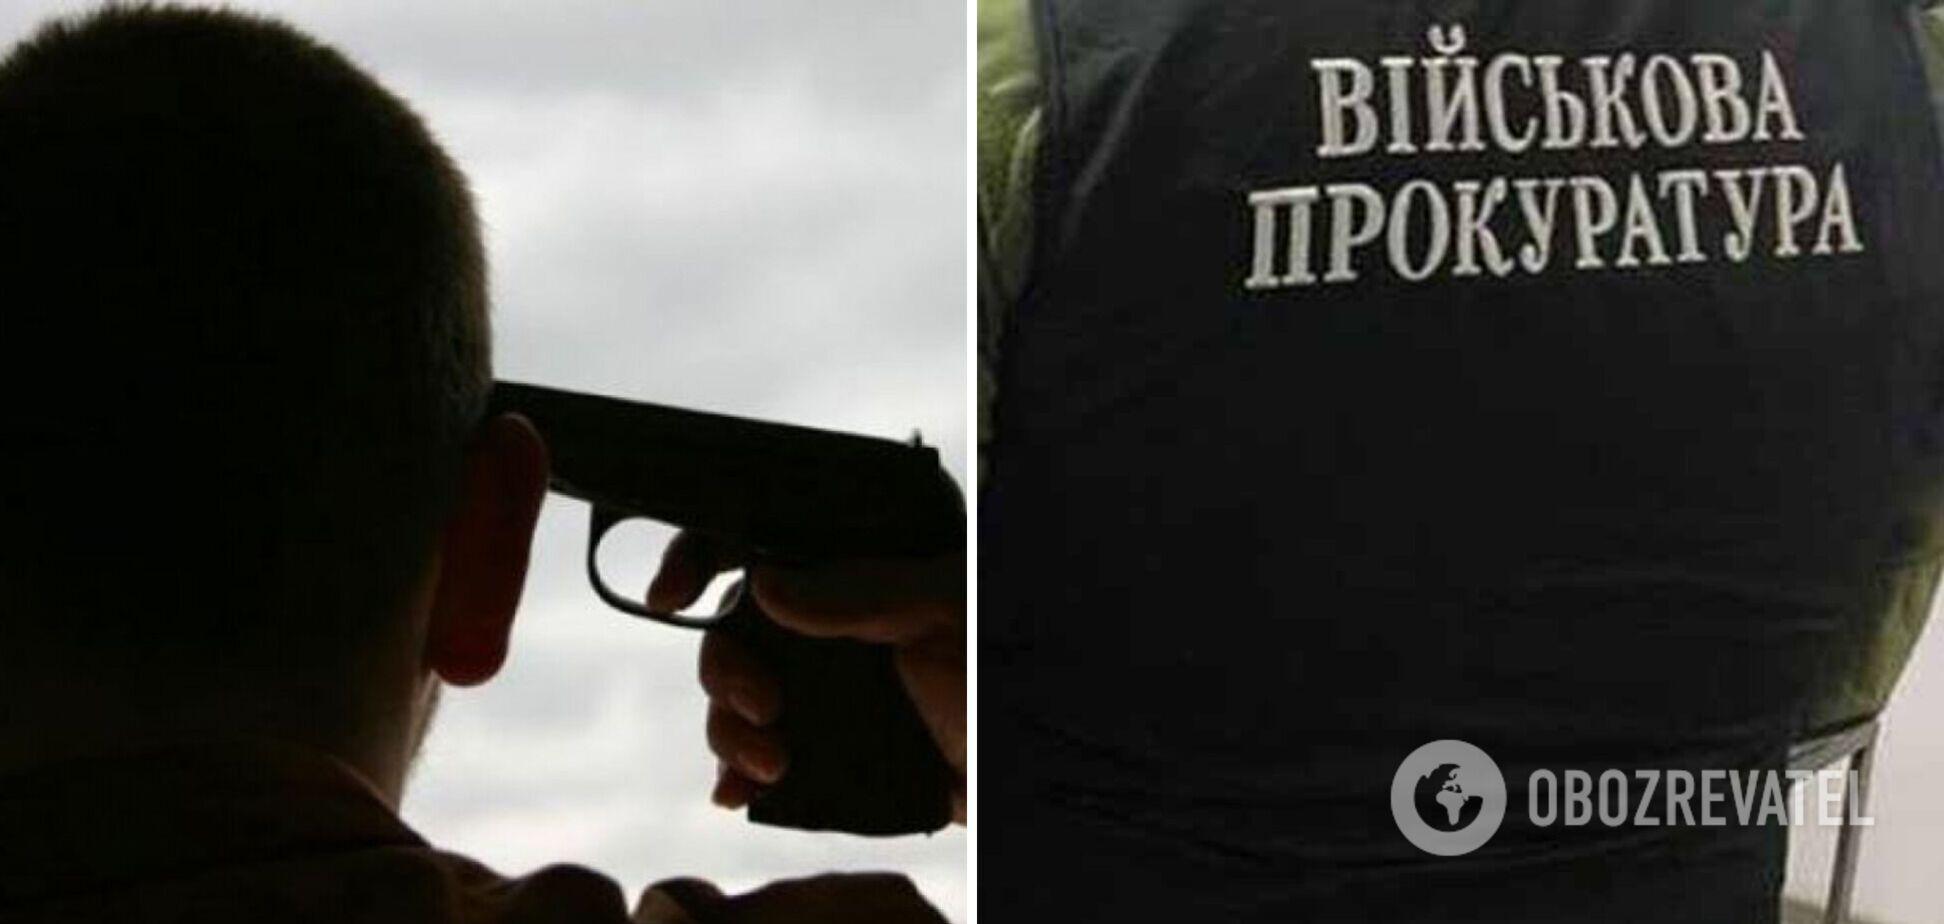 На Херсонщине военный-срочник покончил с собой, в его телефоне нашли странную переписку